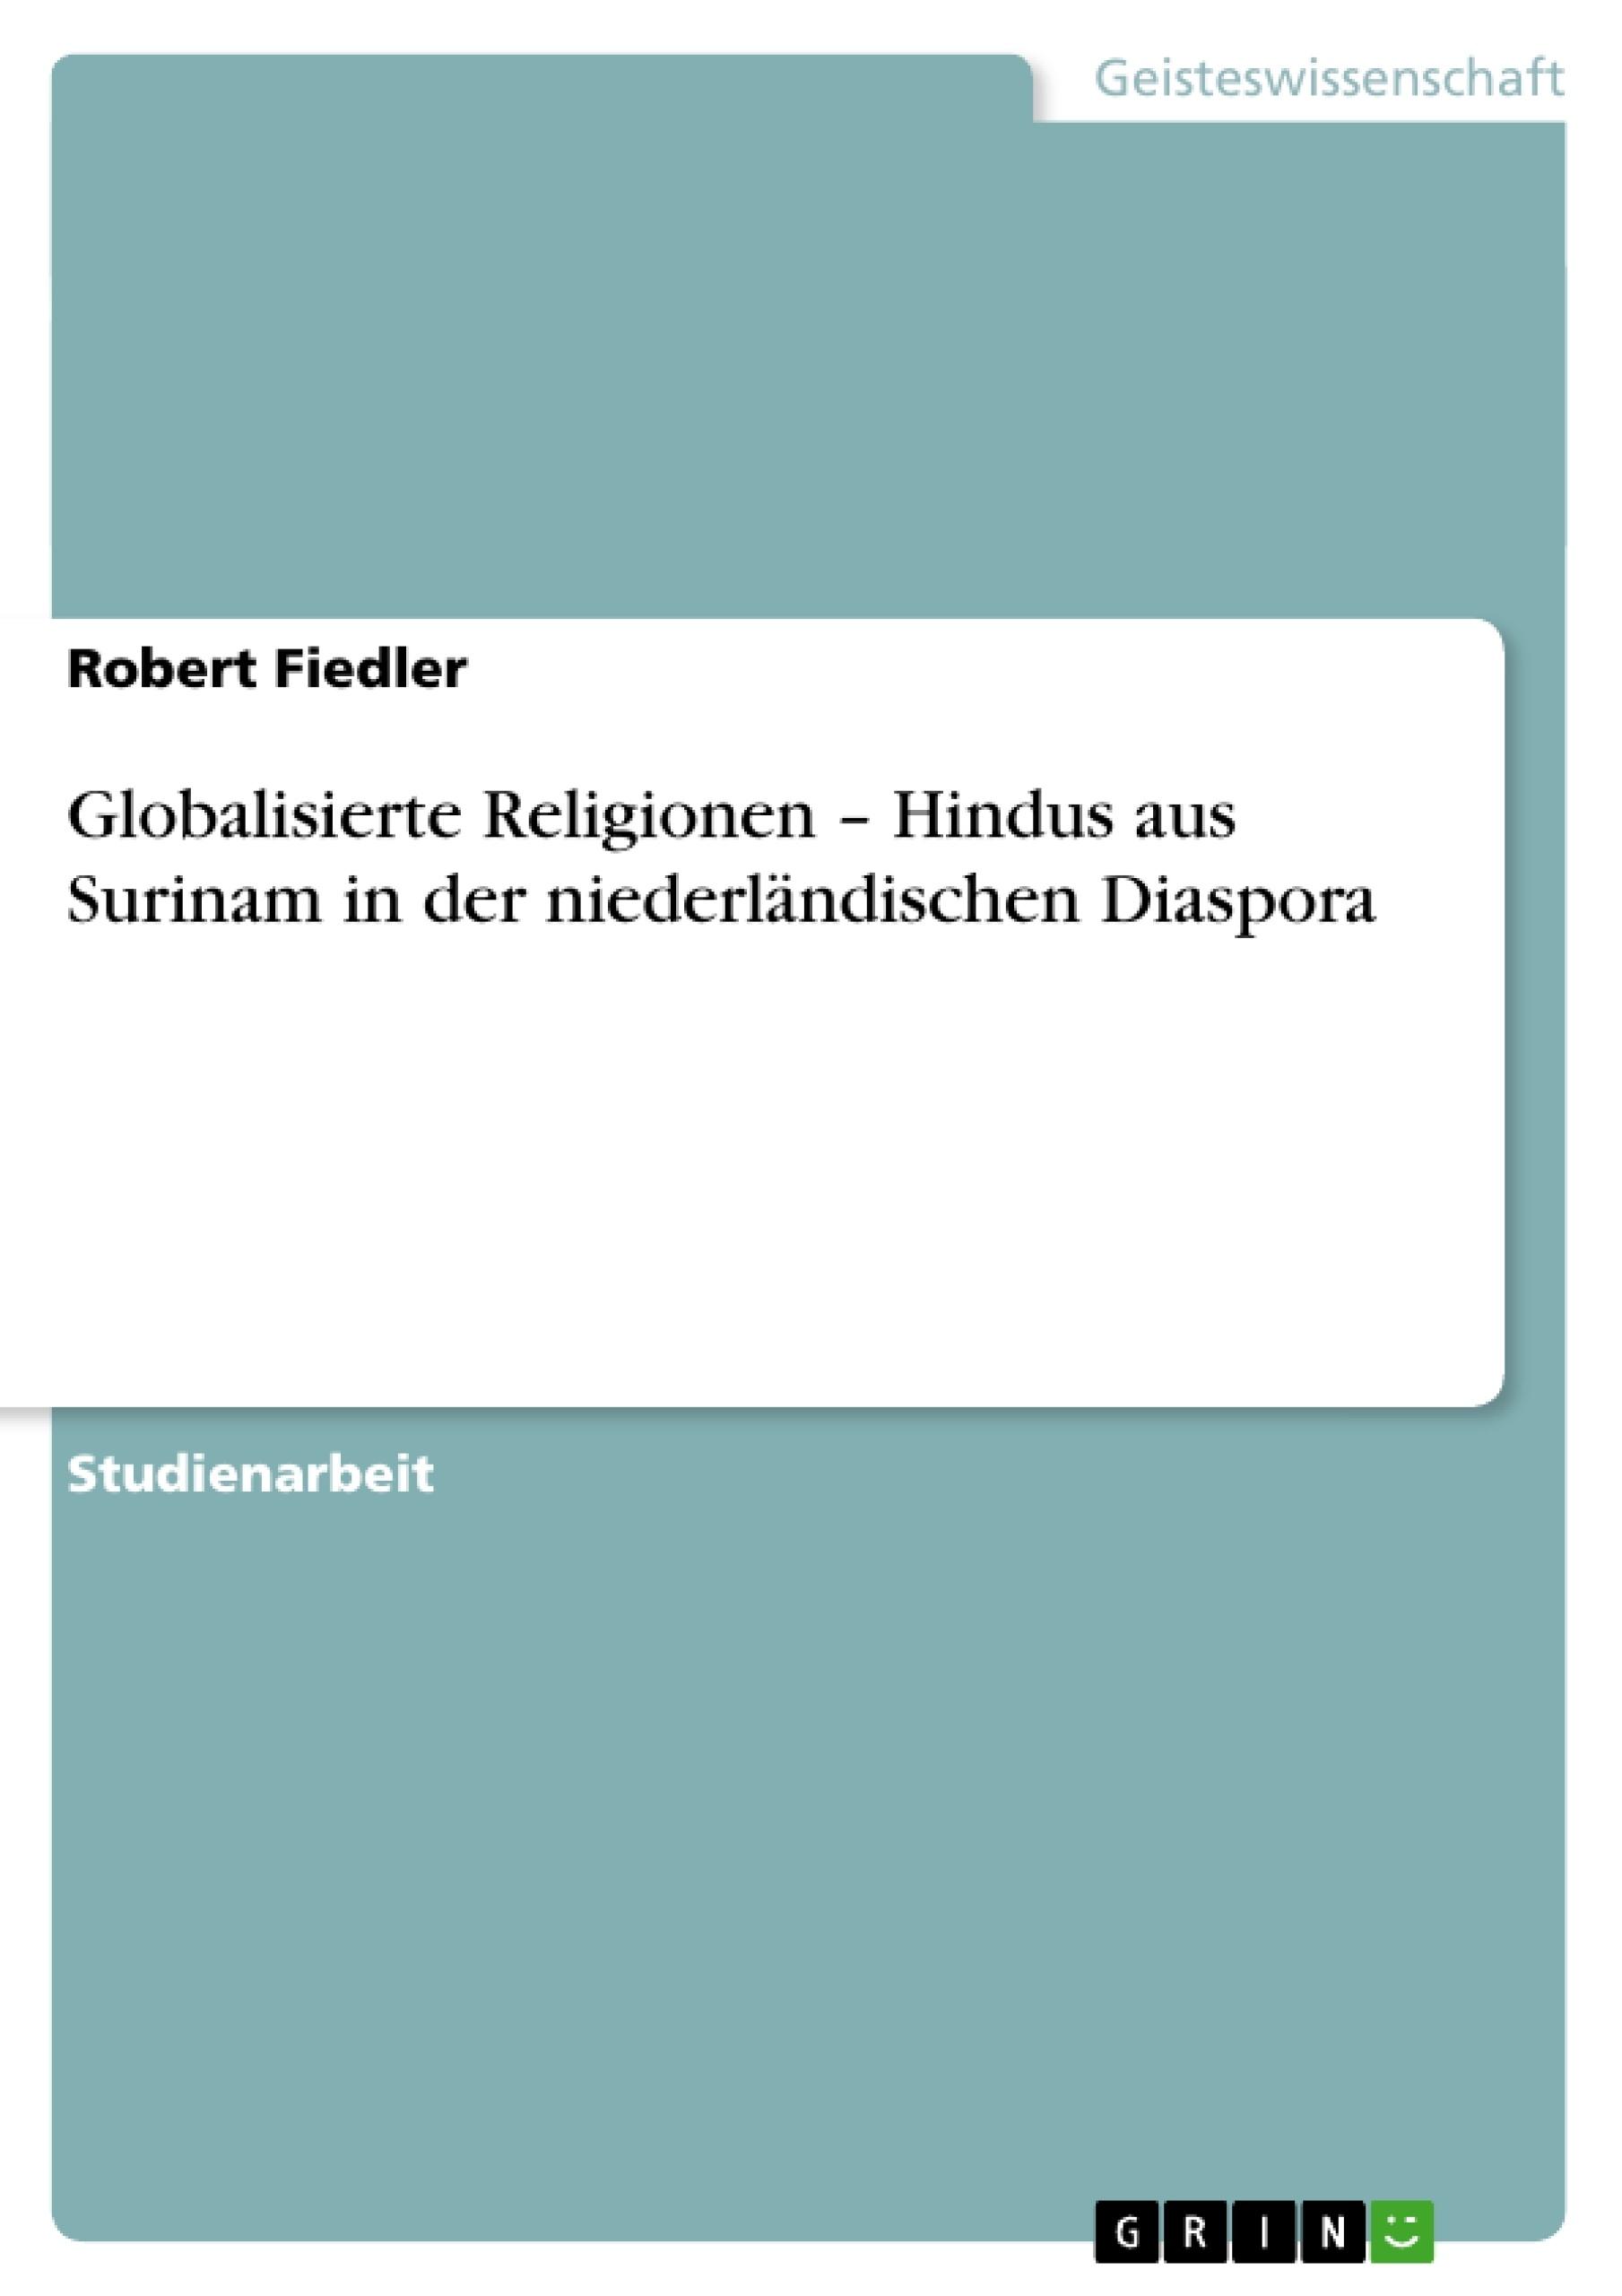 Titel: Globalisierte Religionen – Hindus aus Surinam in der niederländischen Diaspora